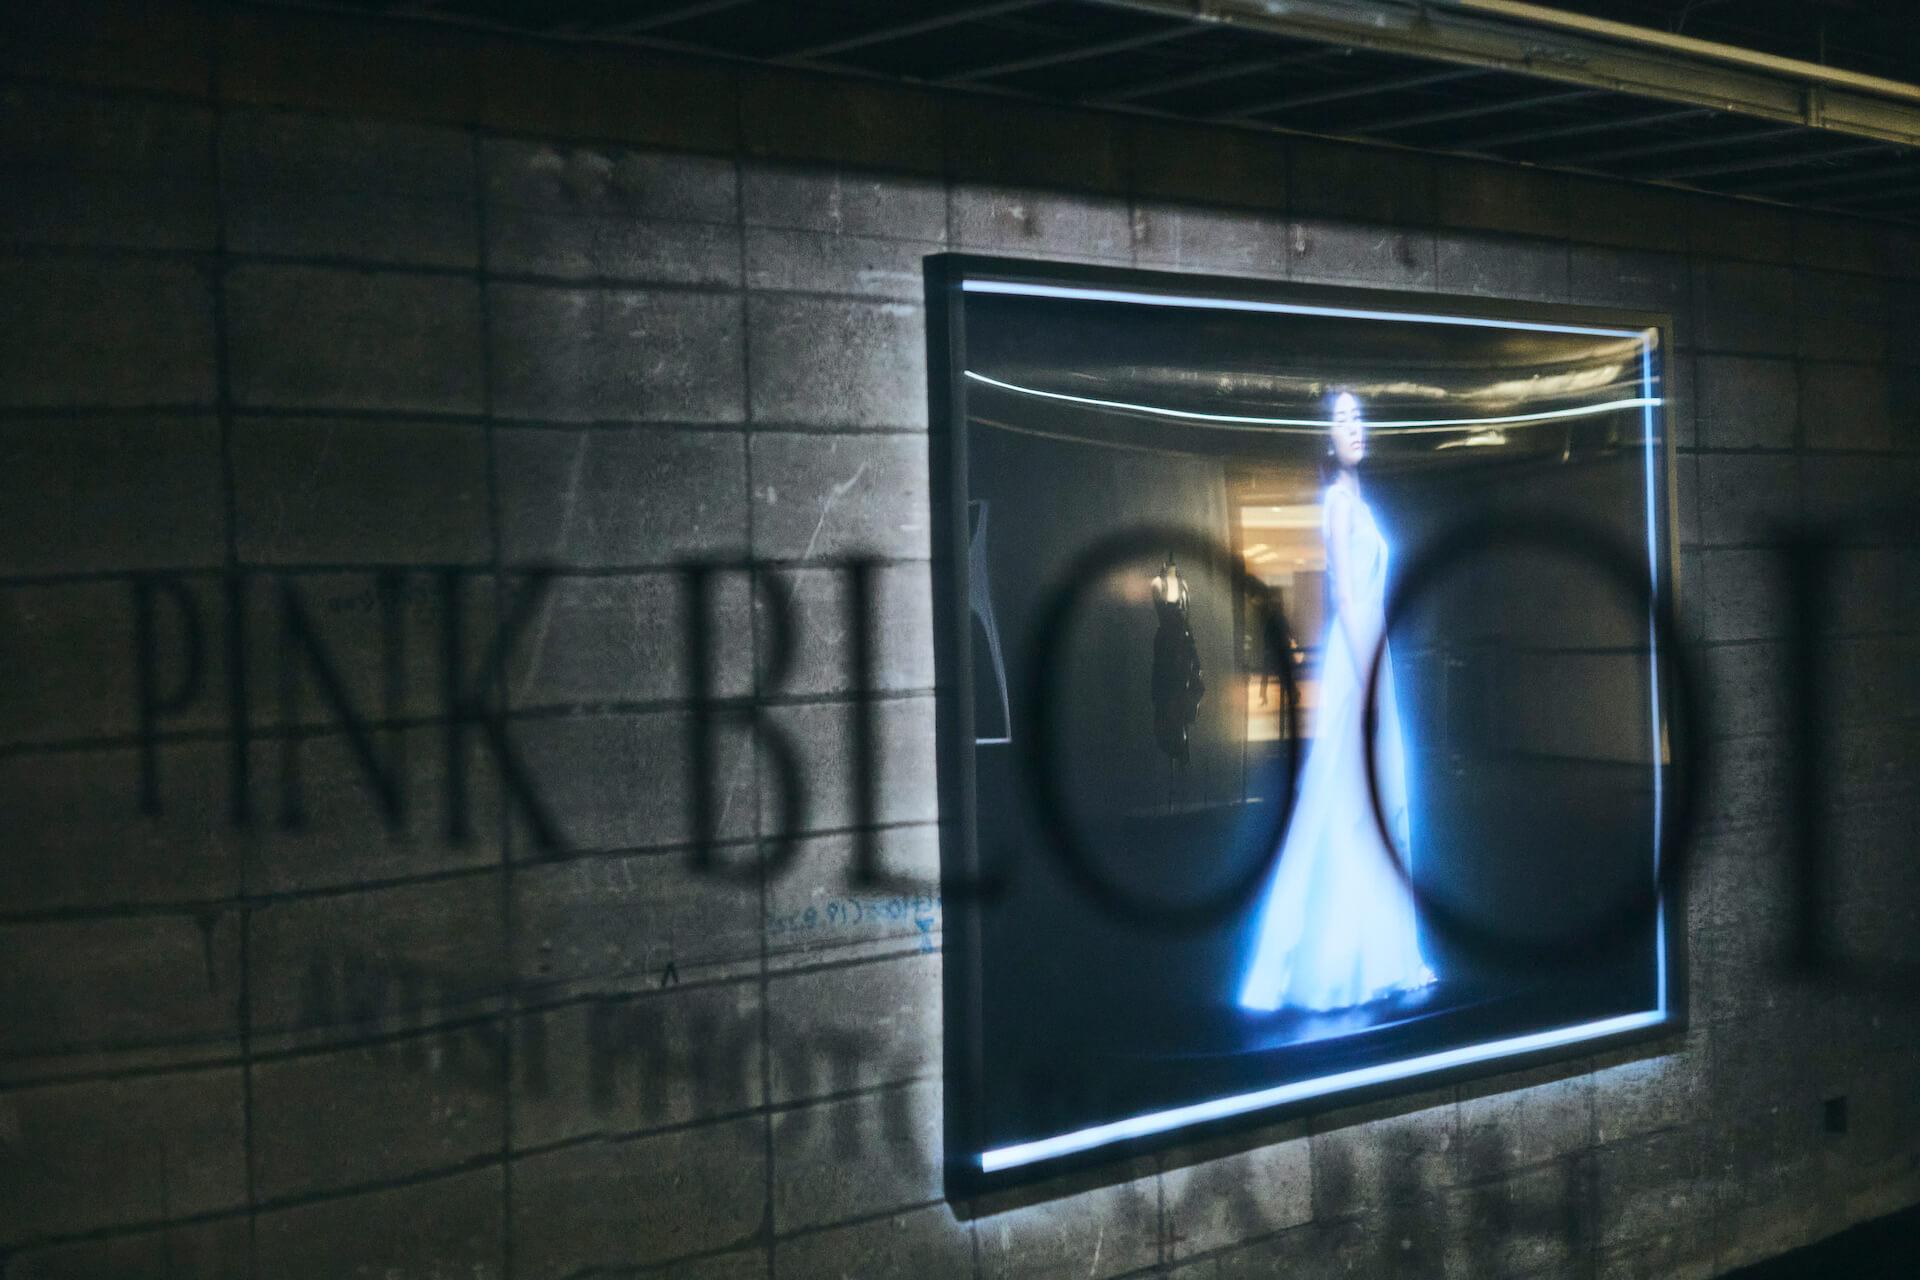 宇多田ヒカルのMVの世界観が銀座に出現!<「PINK BLOOD」EXHIBITION>イベントレポート column210604_hikaru-utada-pinkblood-07